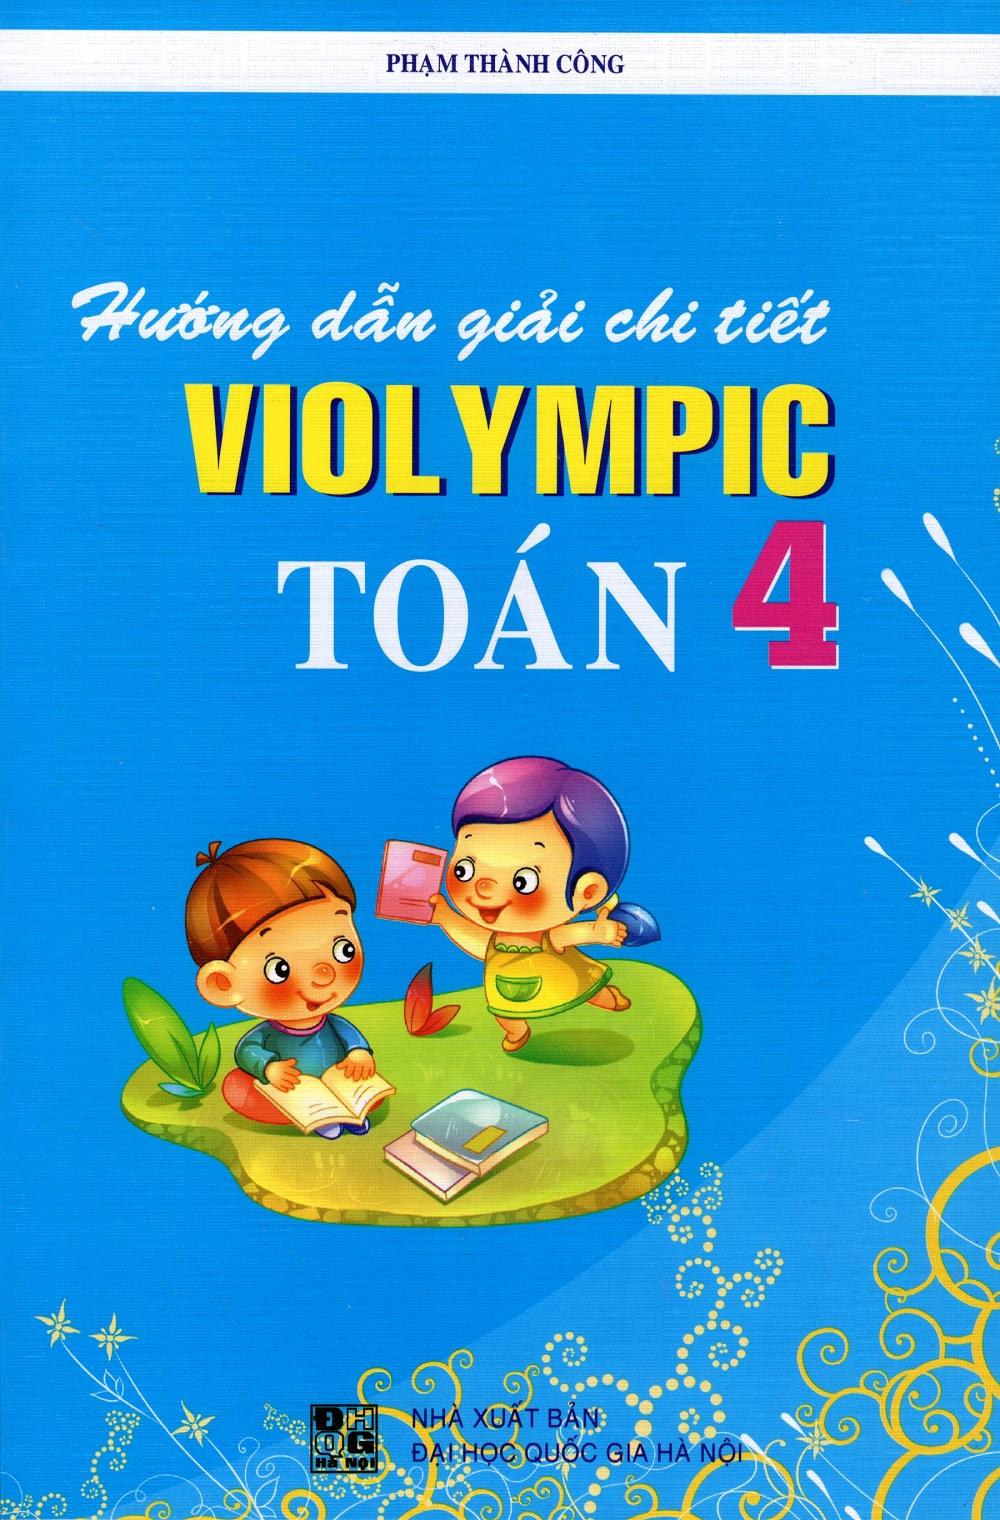 Hướng Dẫn Giải Chi Tiết Violympic Toán Lớp 4